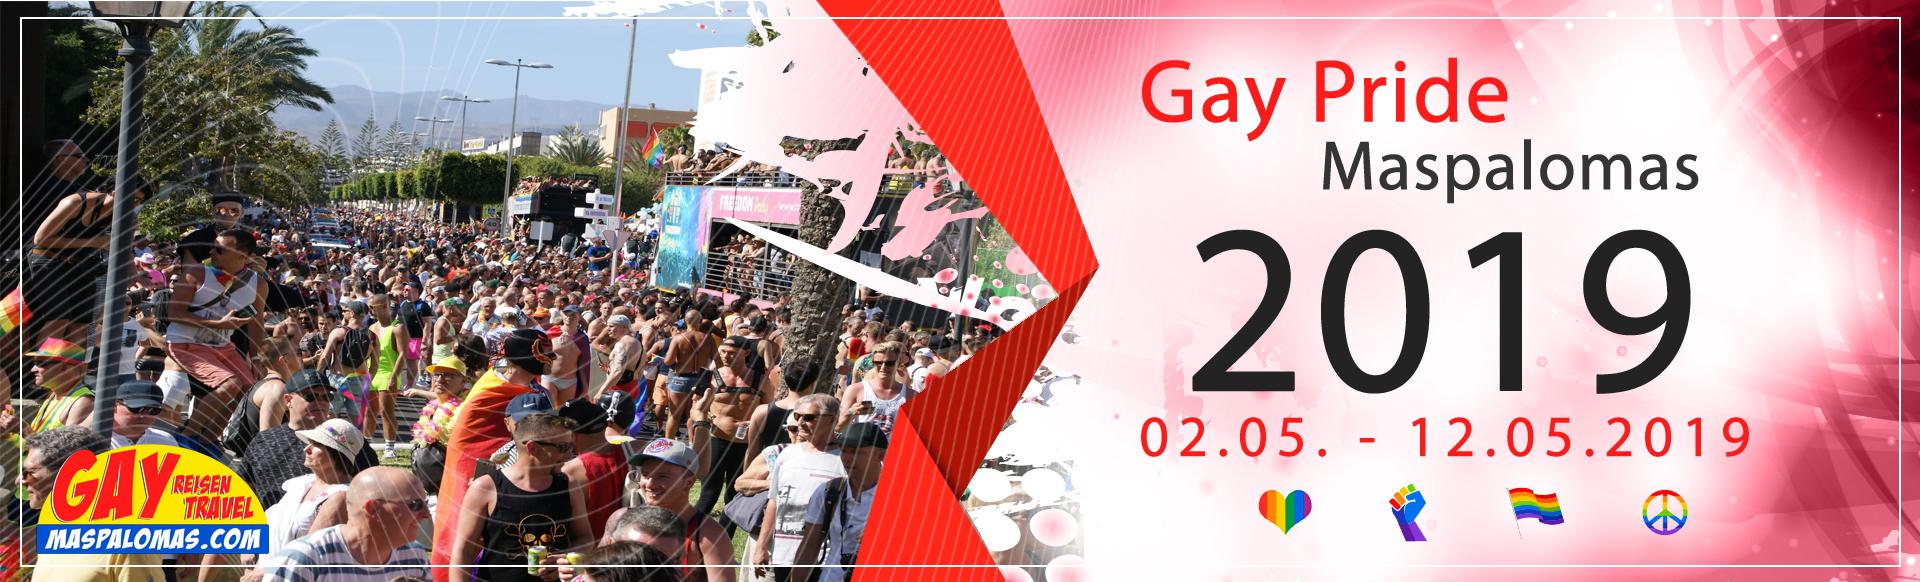 Gay Pride Parade Maspalomas 20 7